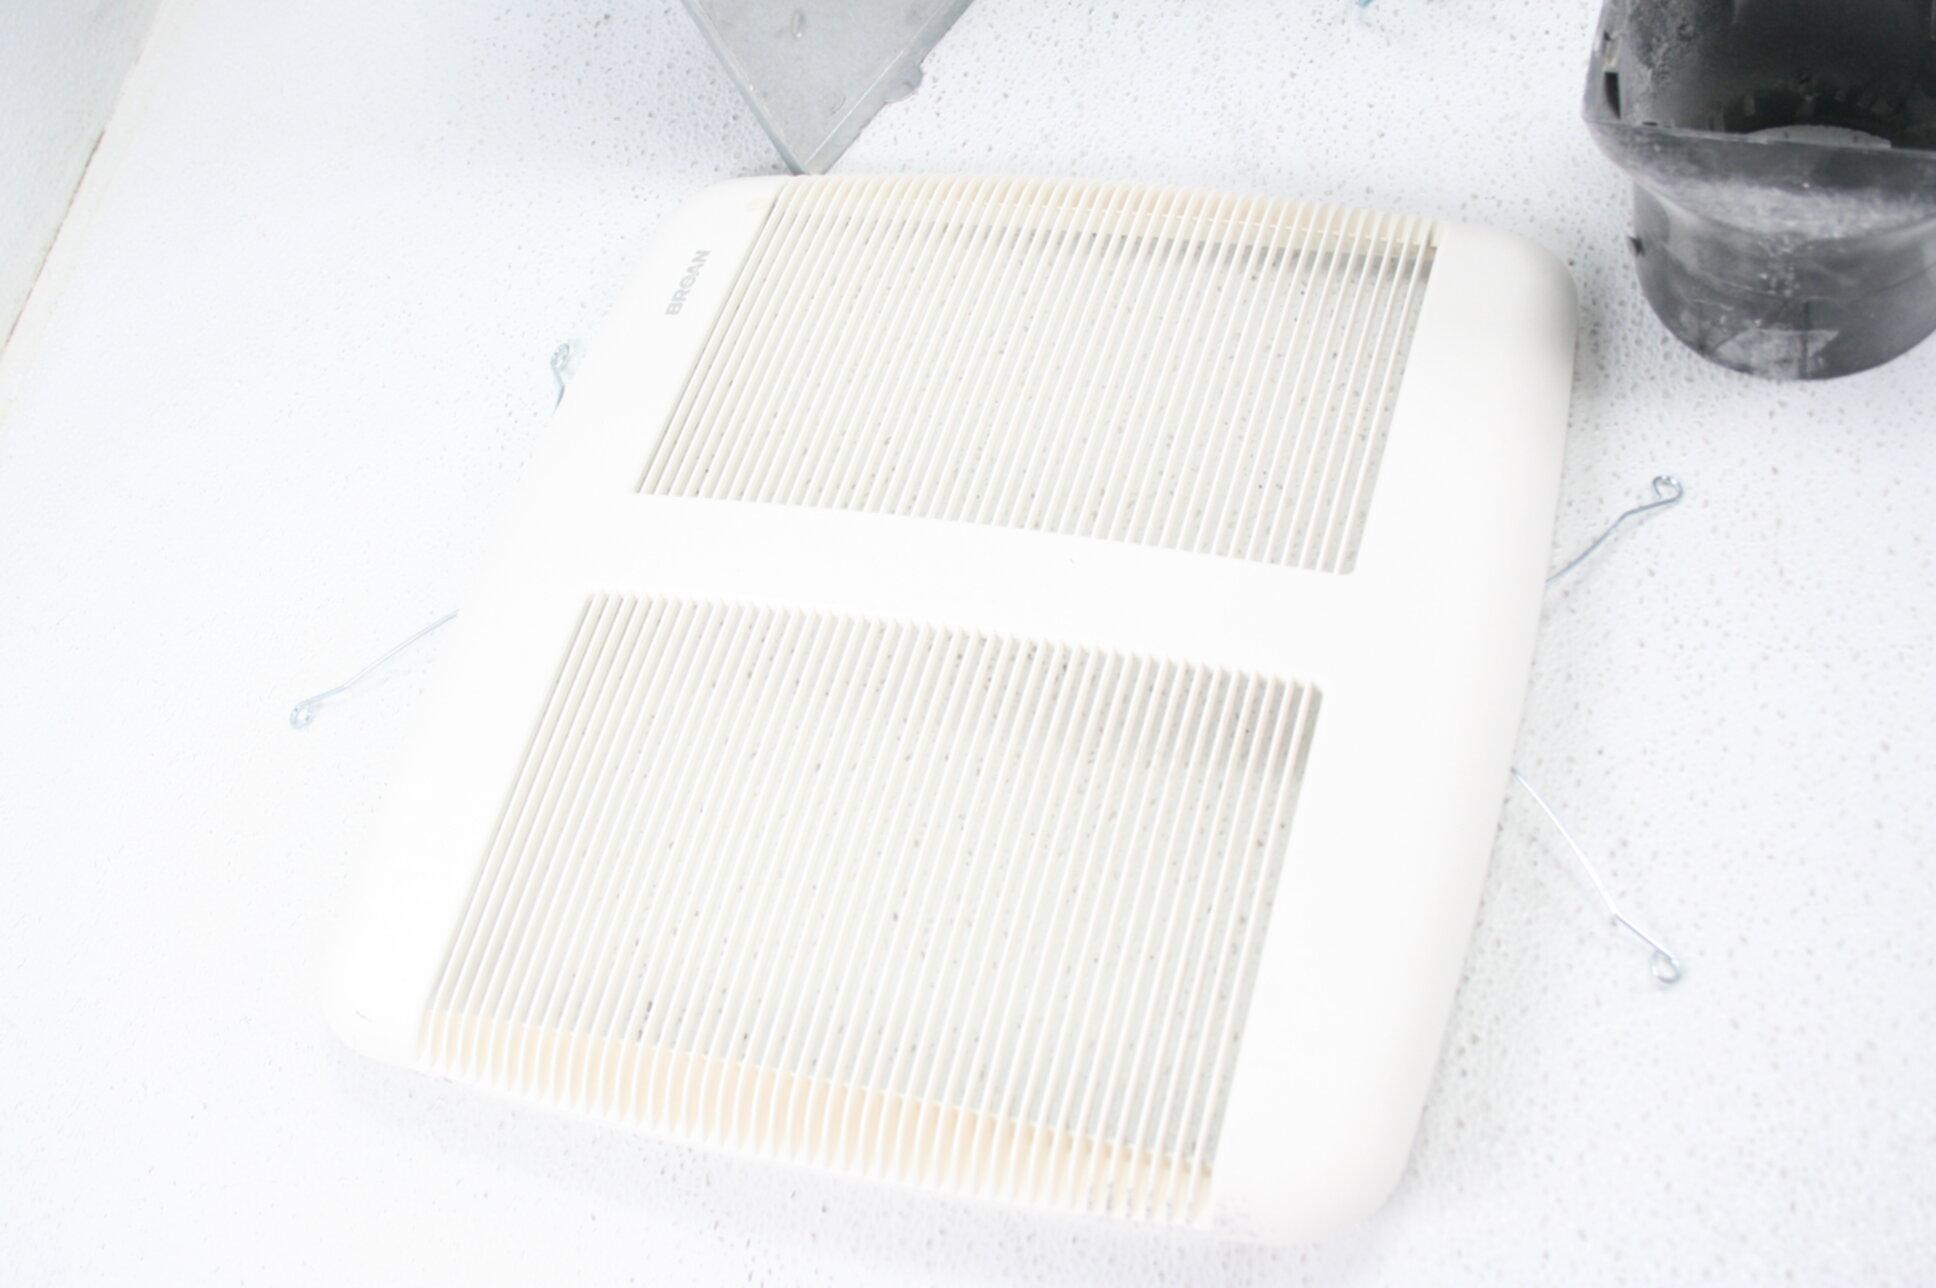 Broan Nutone SPK110 Sensonic Bathroom Exhaust Fan 110 CFM ...